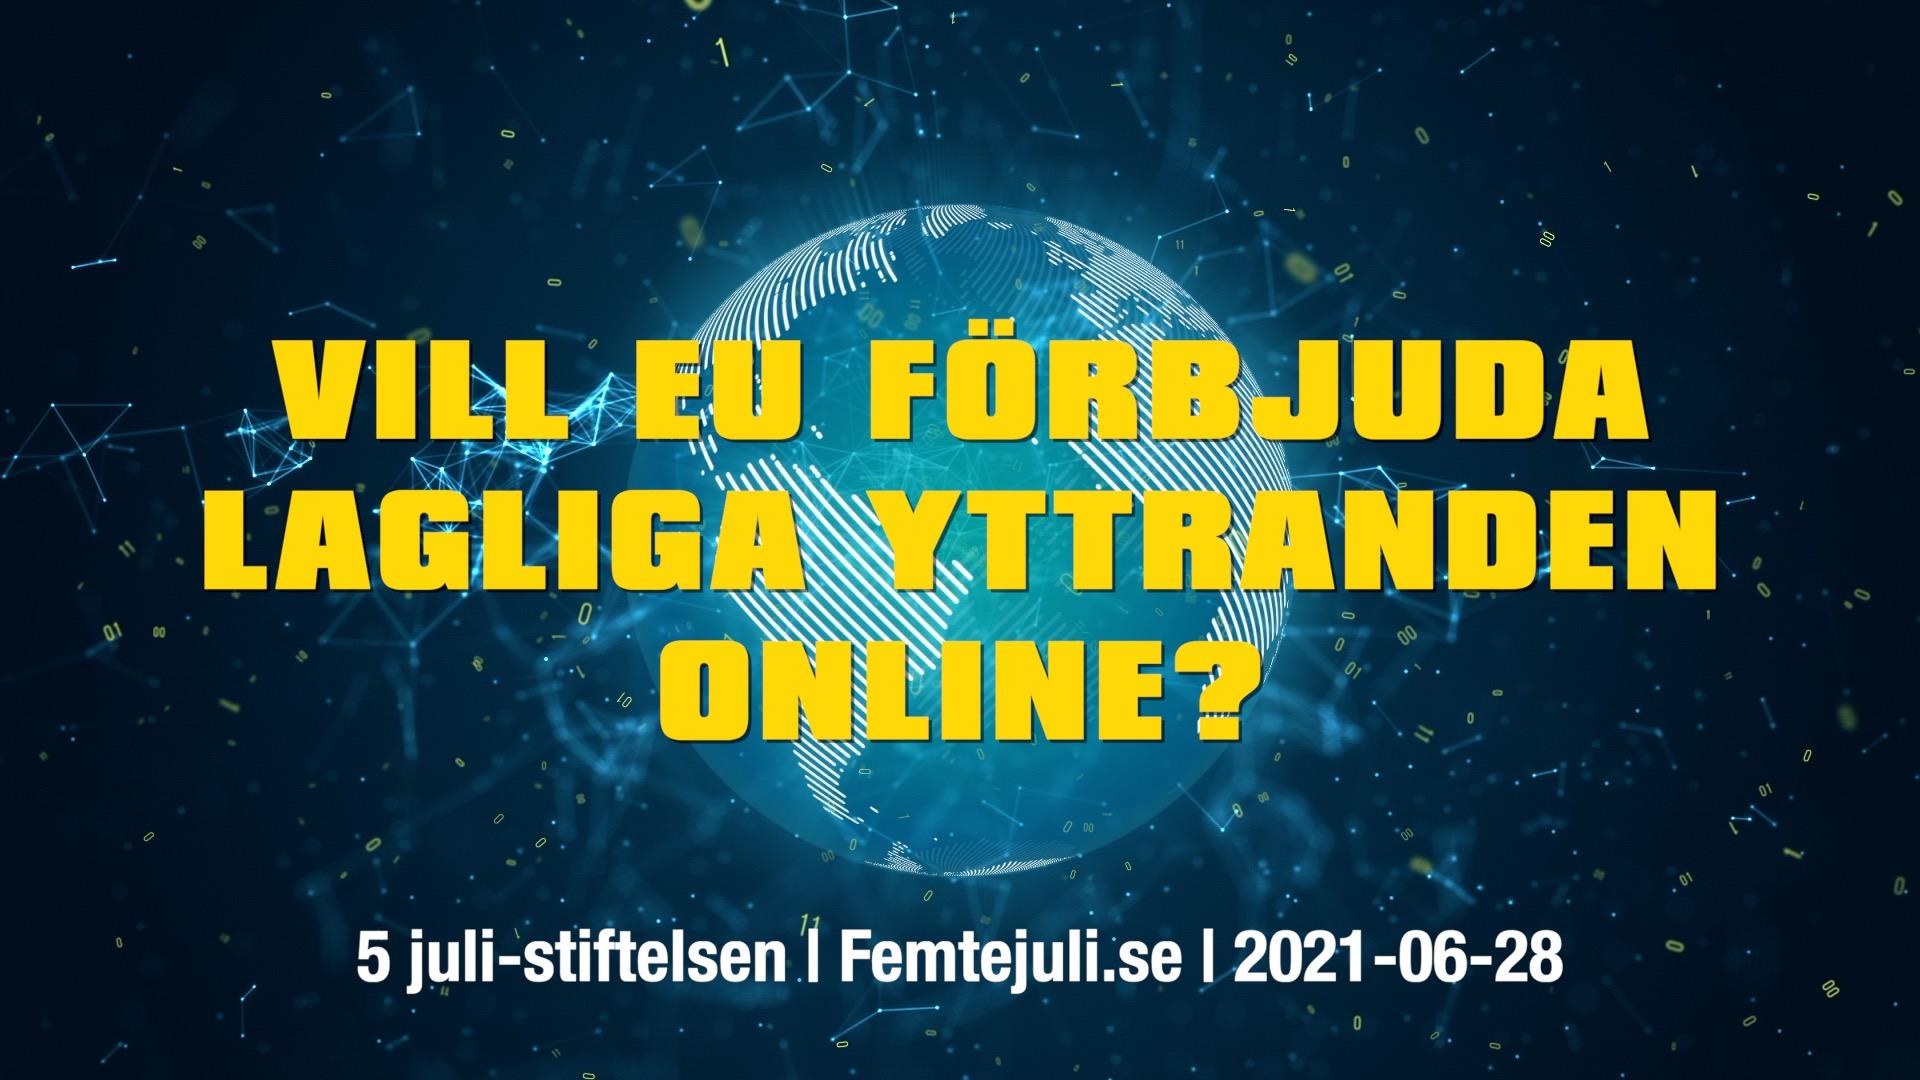 Video: Vill EU förbjuda lagliga yttranden online?